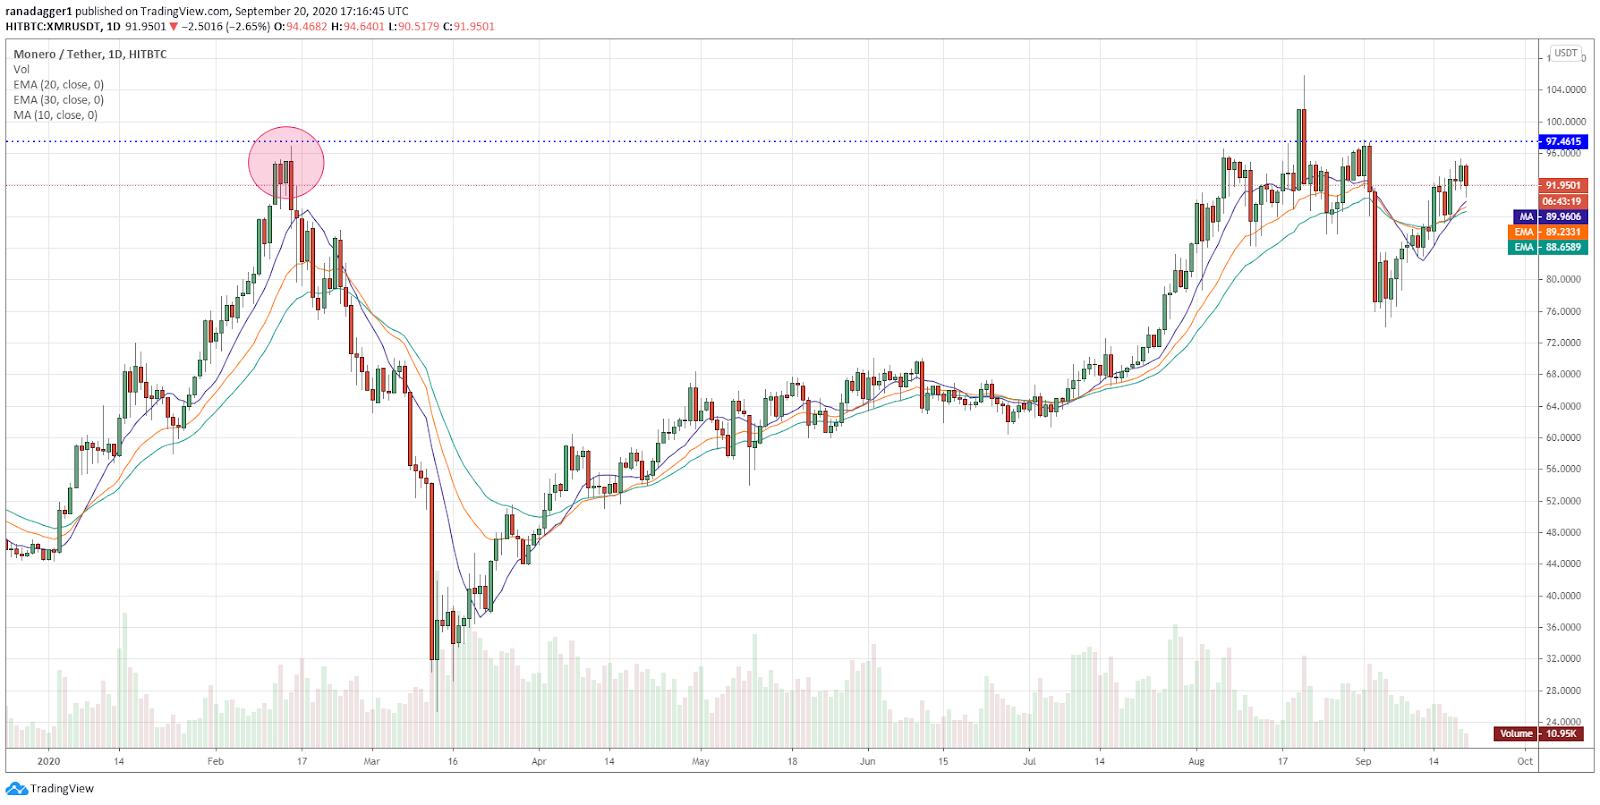 Gráfico diario para el par XMR/USD